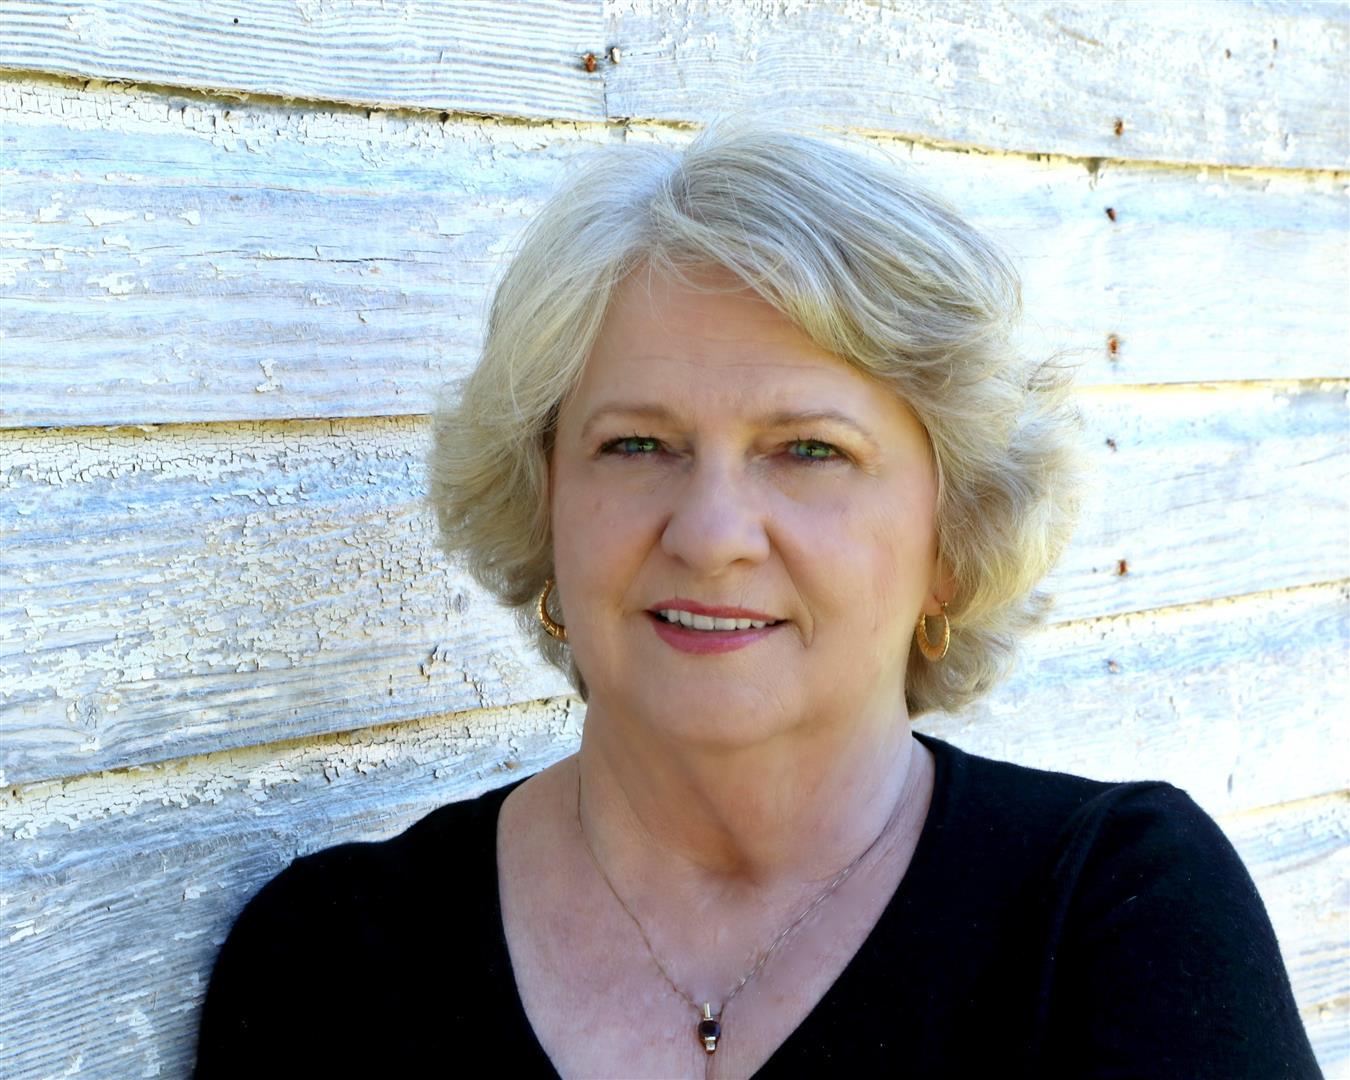 Sherry Dianne Ballew